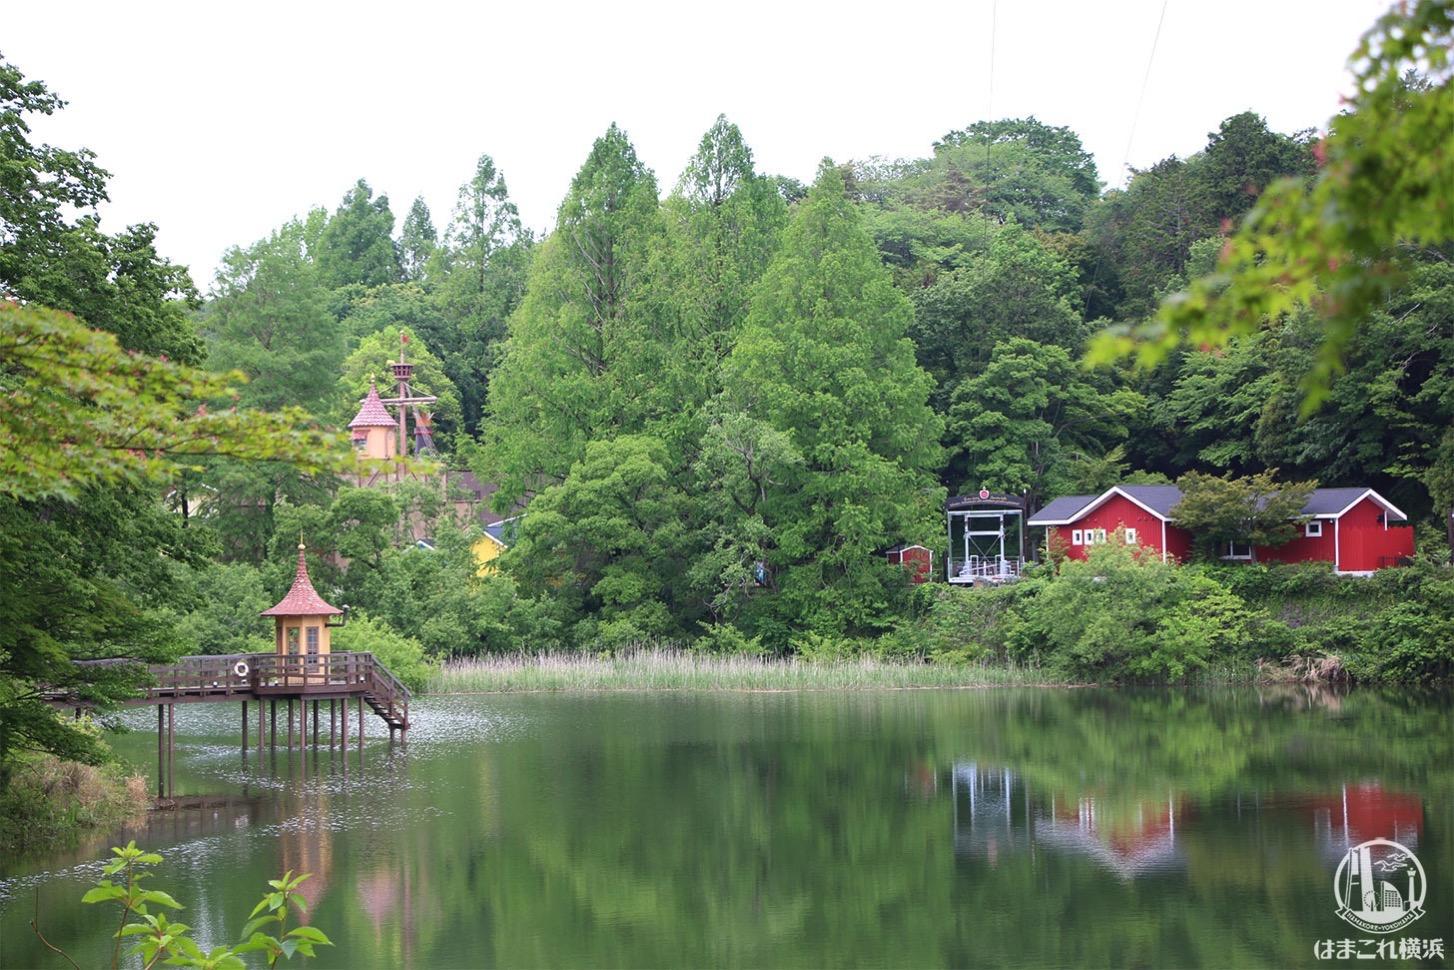 横浜からムーミンバレーパーク日帰り旅!ムーミン屋敷・ショー・大自然を満喫してきた